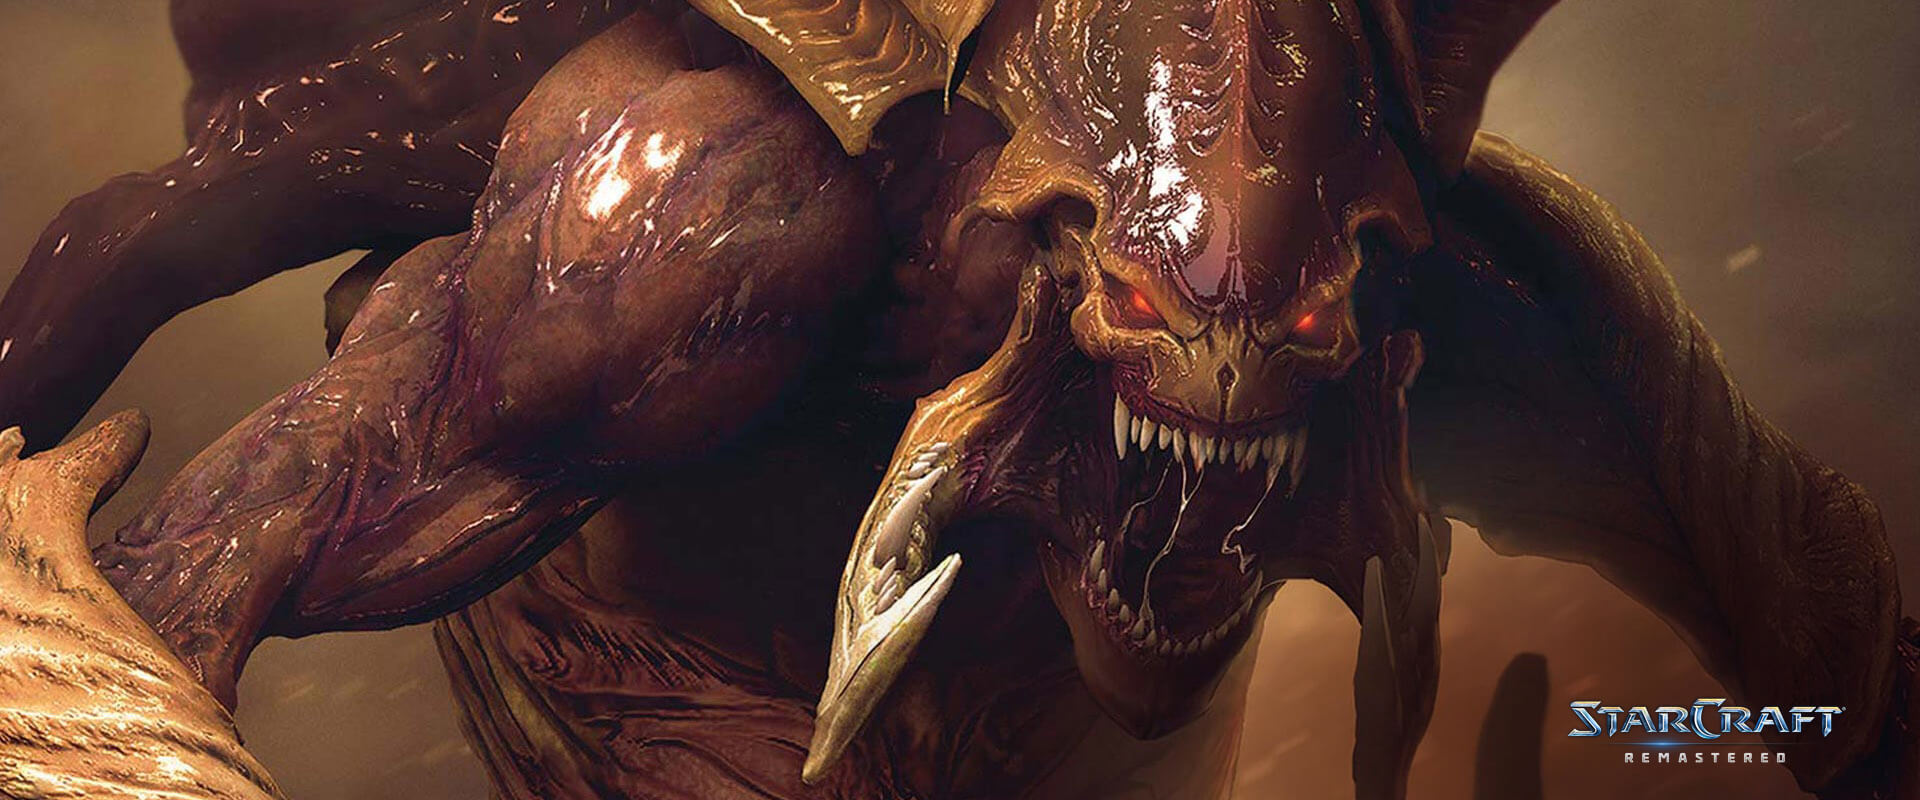 StarCraft: Remastered - Hydralisk